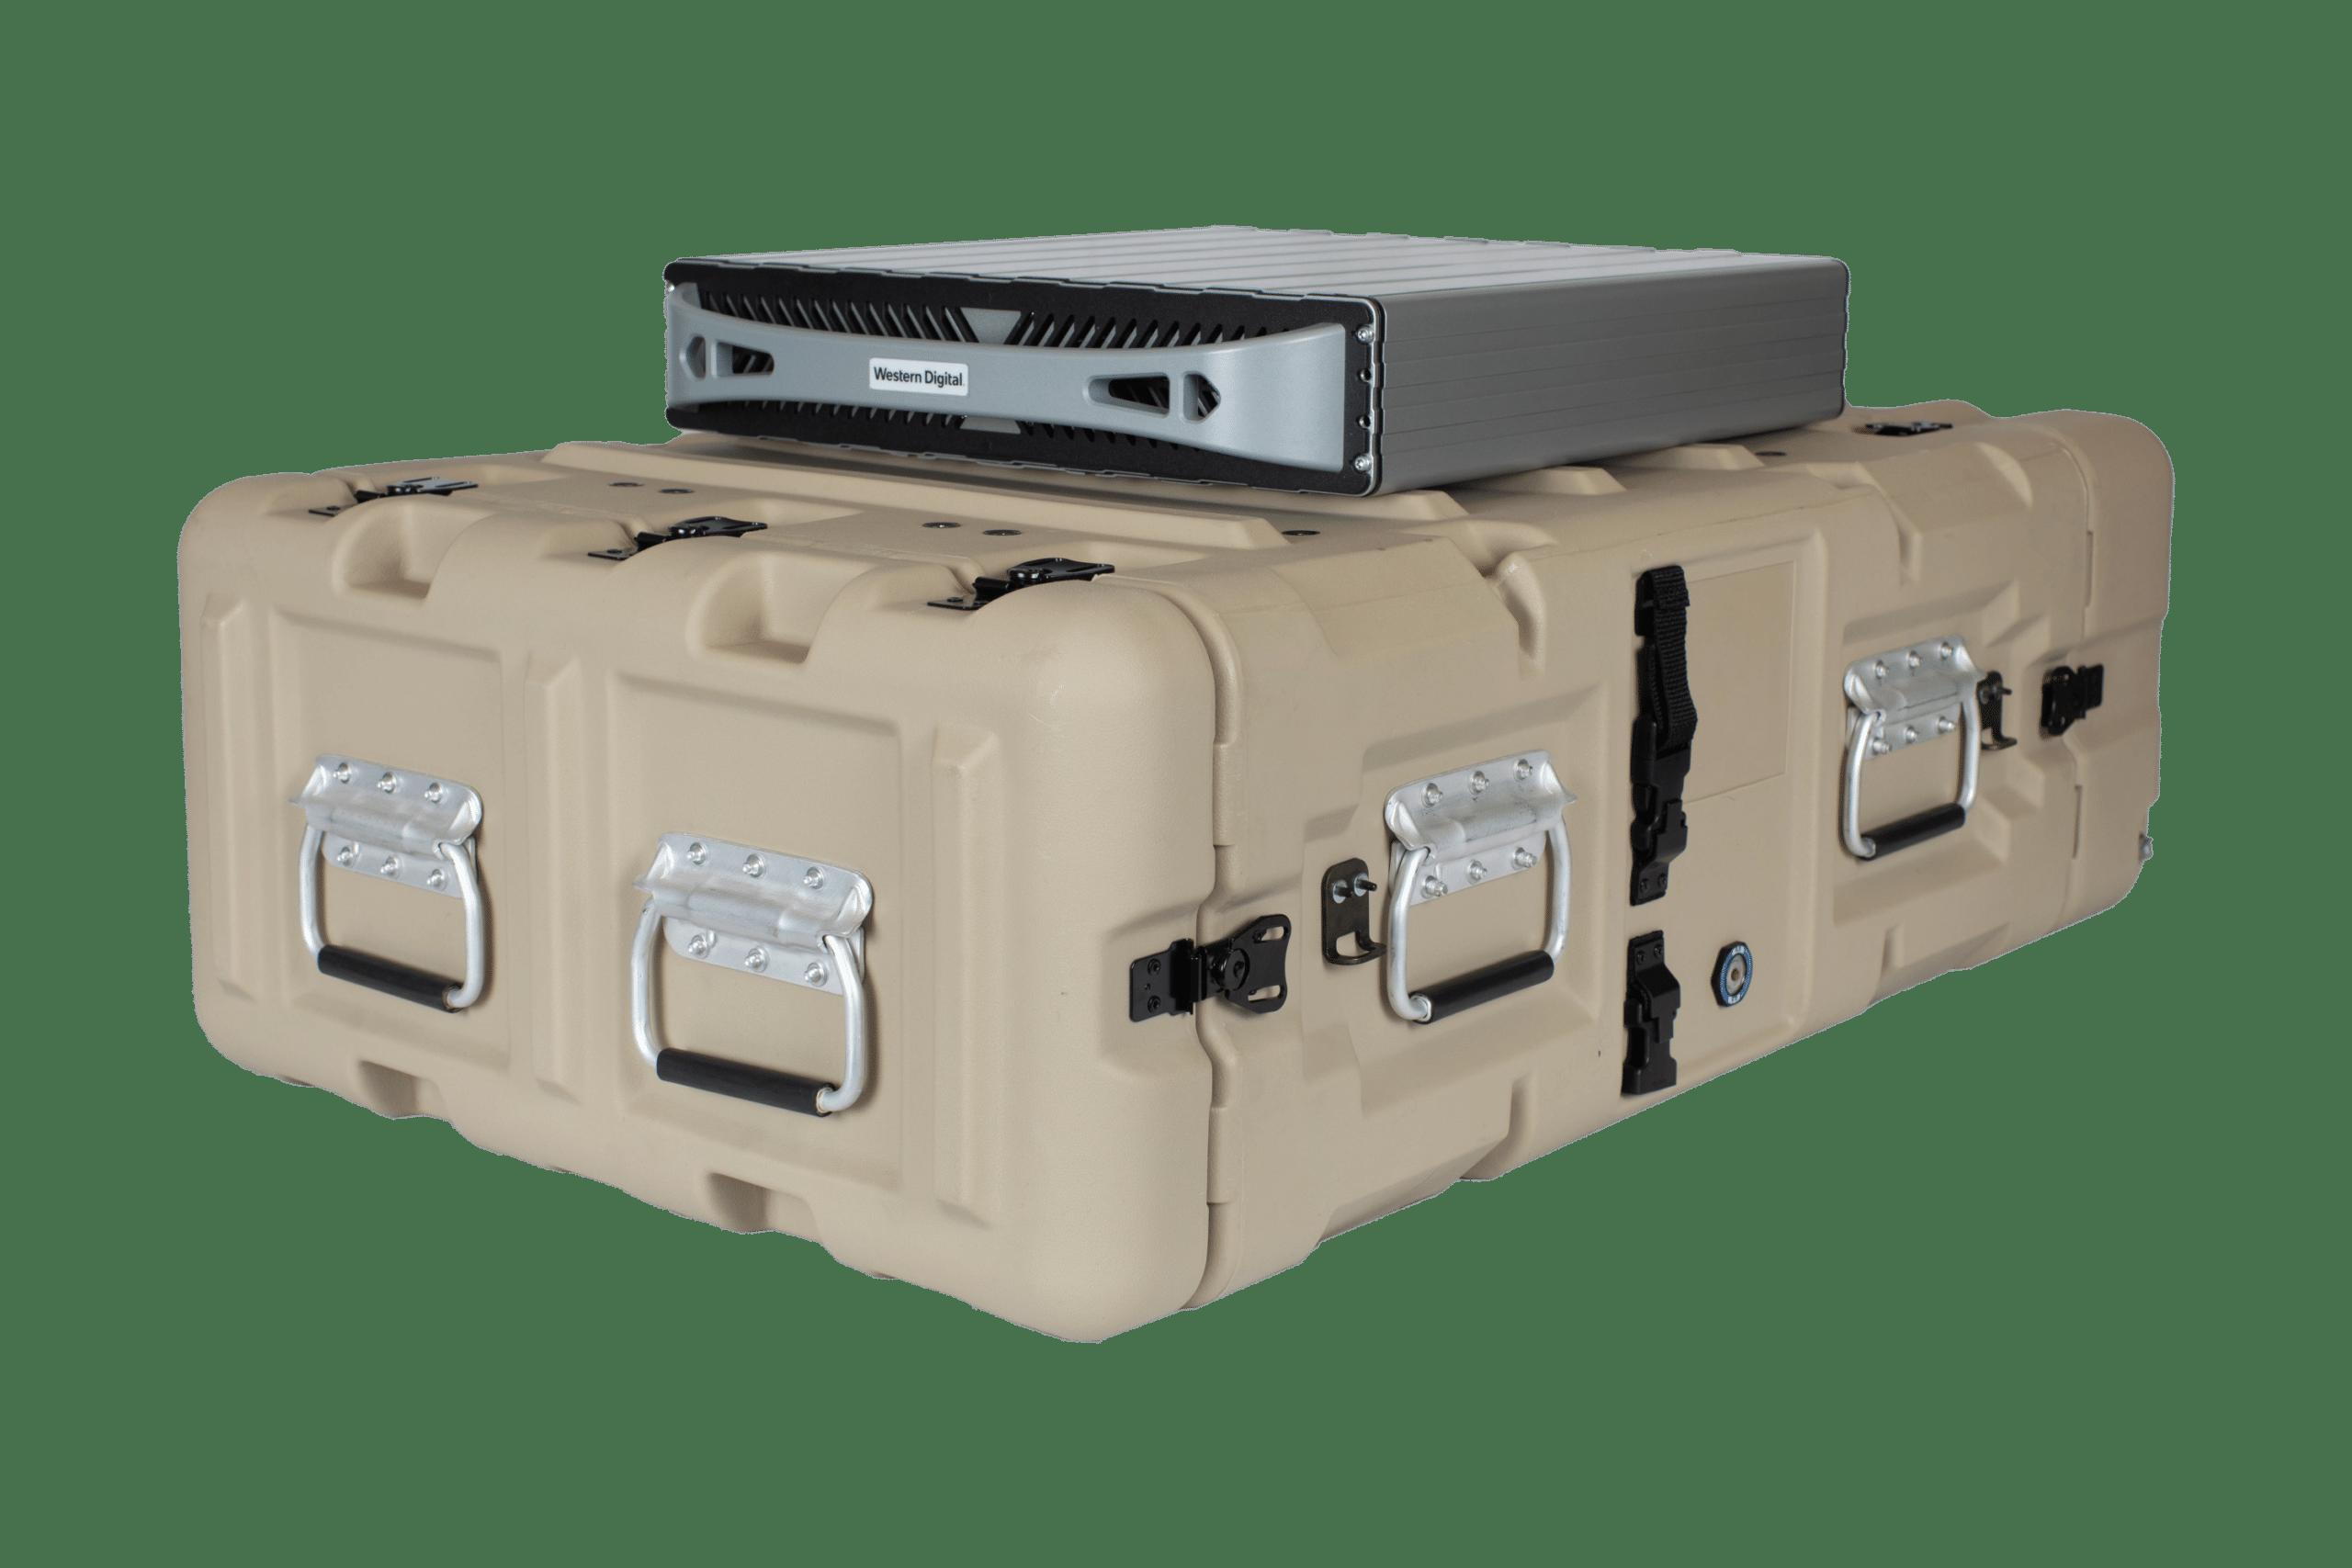 Nuovi server Western Digital: arriva la gamma Ultrastar Edge thumbnail